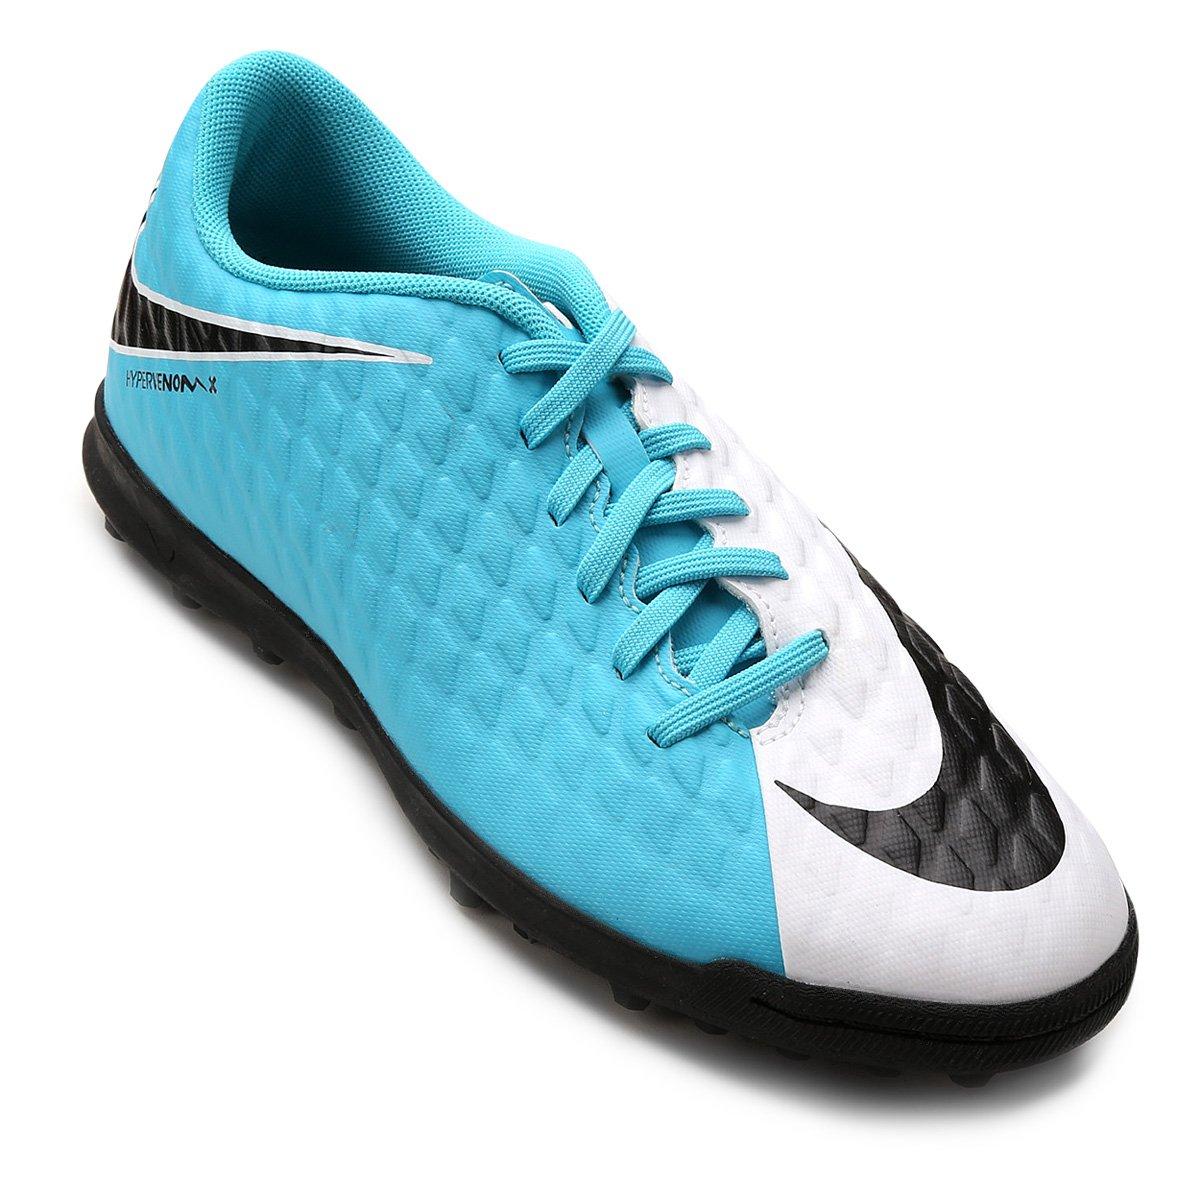 Chuteira Society Nike Hypervenom Phade 3 - Branco e Azul - Compre ... 6982e64861149